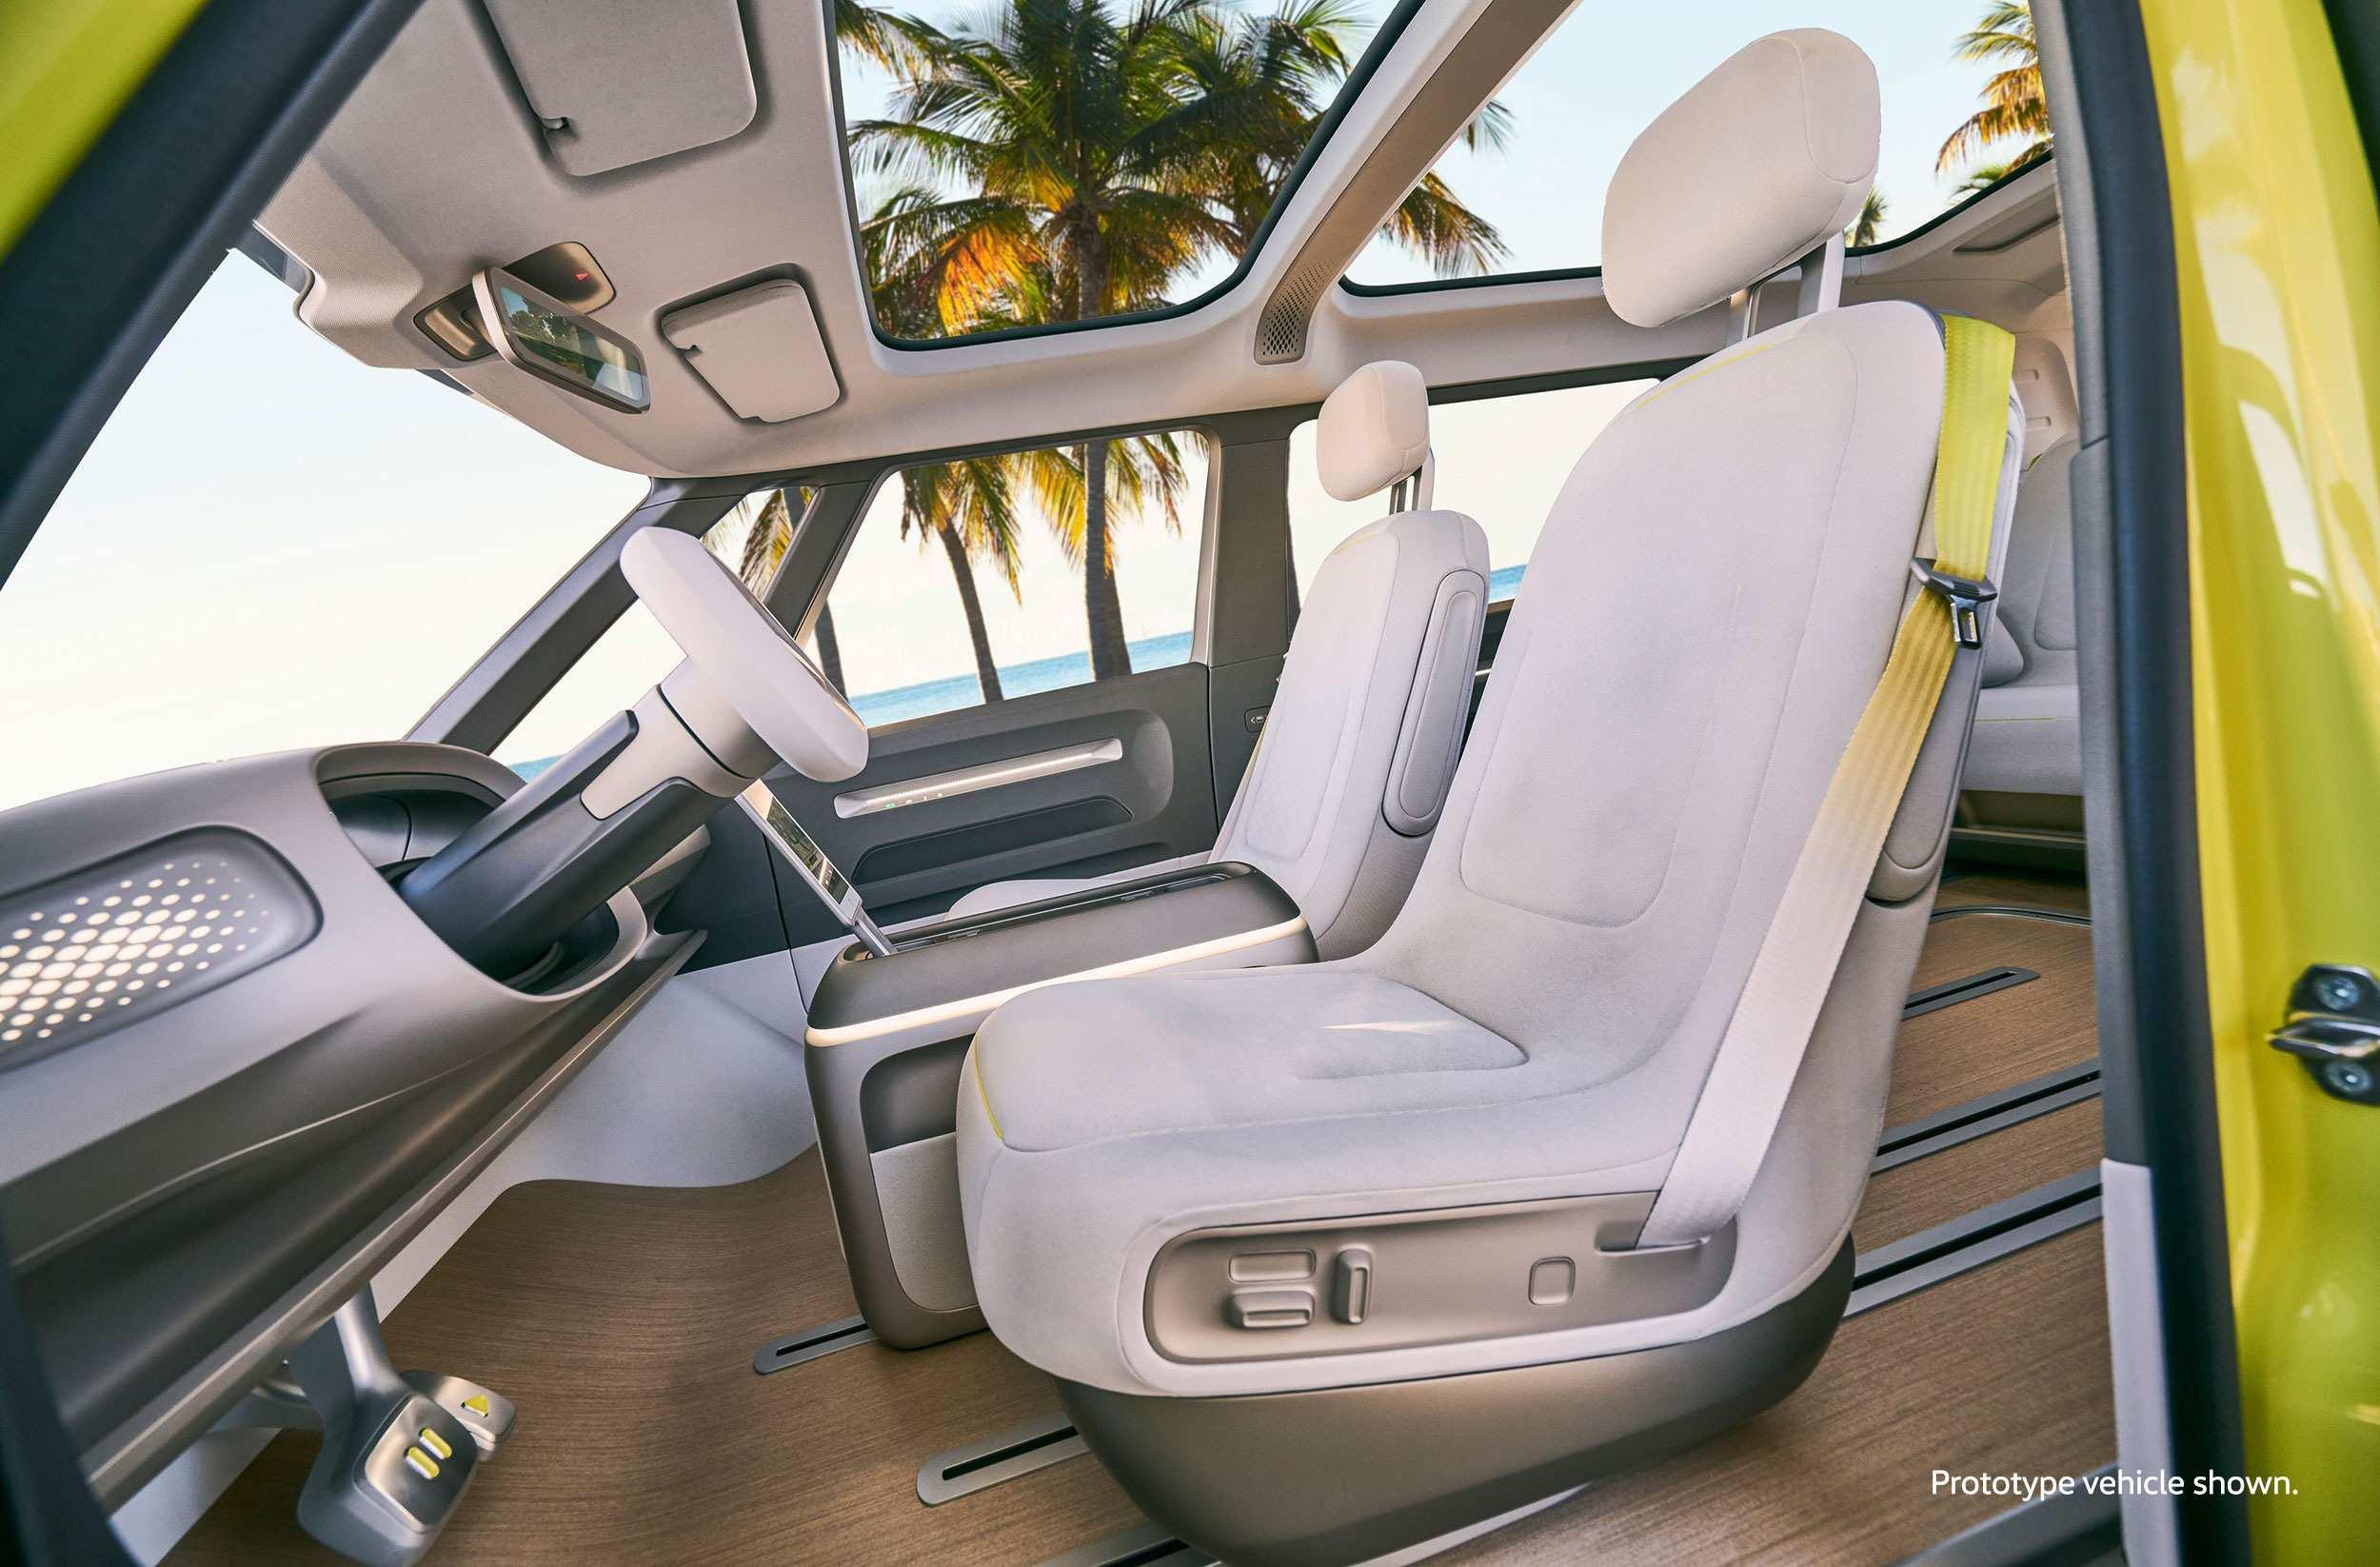 36 New Volkswagen Vanagon 2020 Release Date with Volkswagen Vanagon 2020